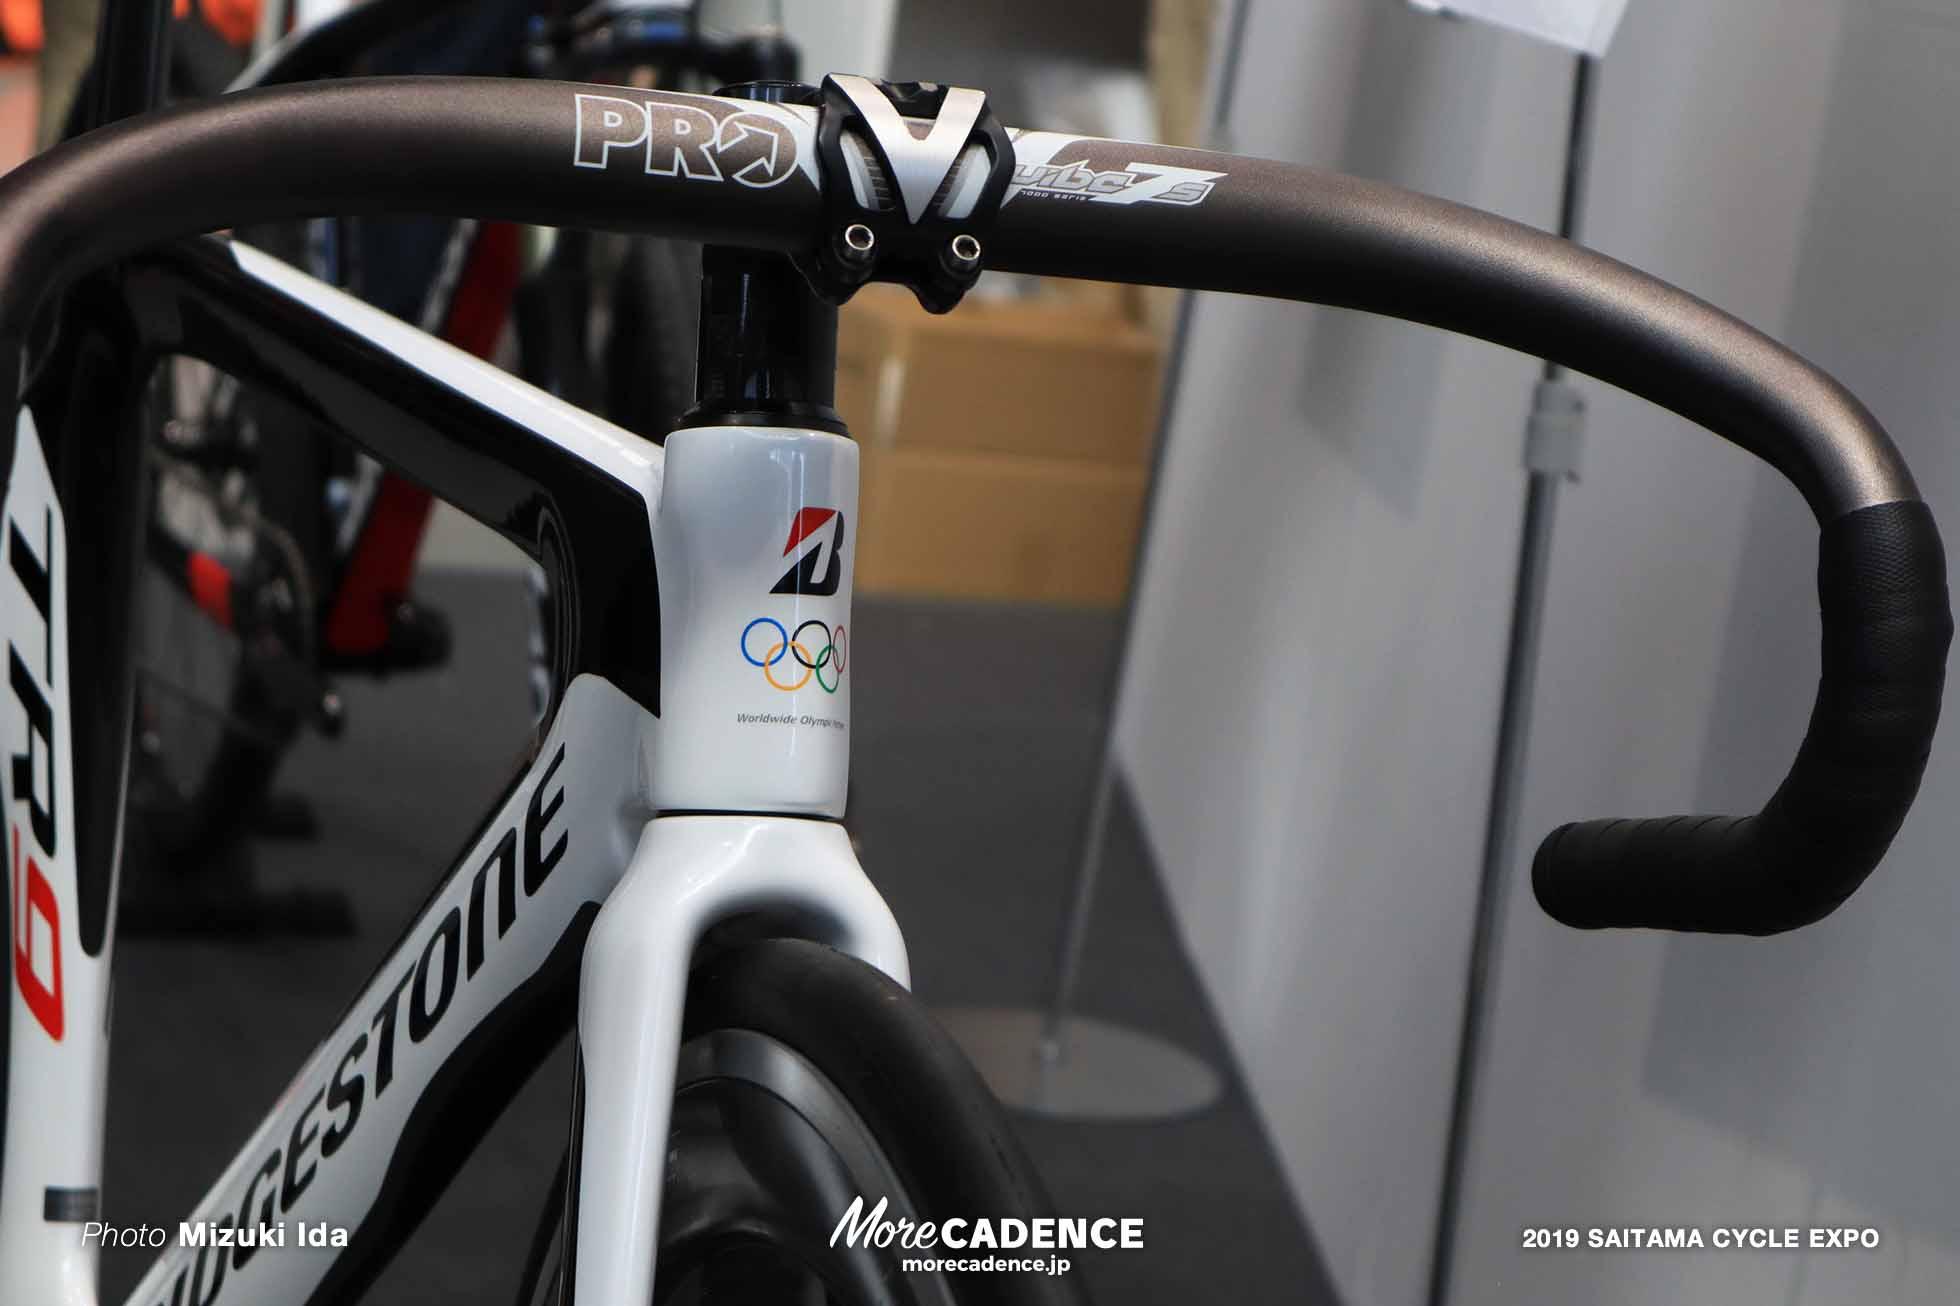 オリンピックロゴ付き自転車